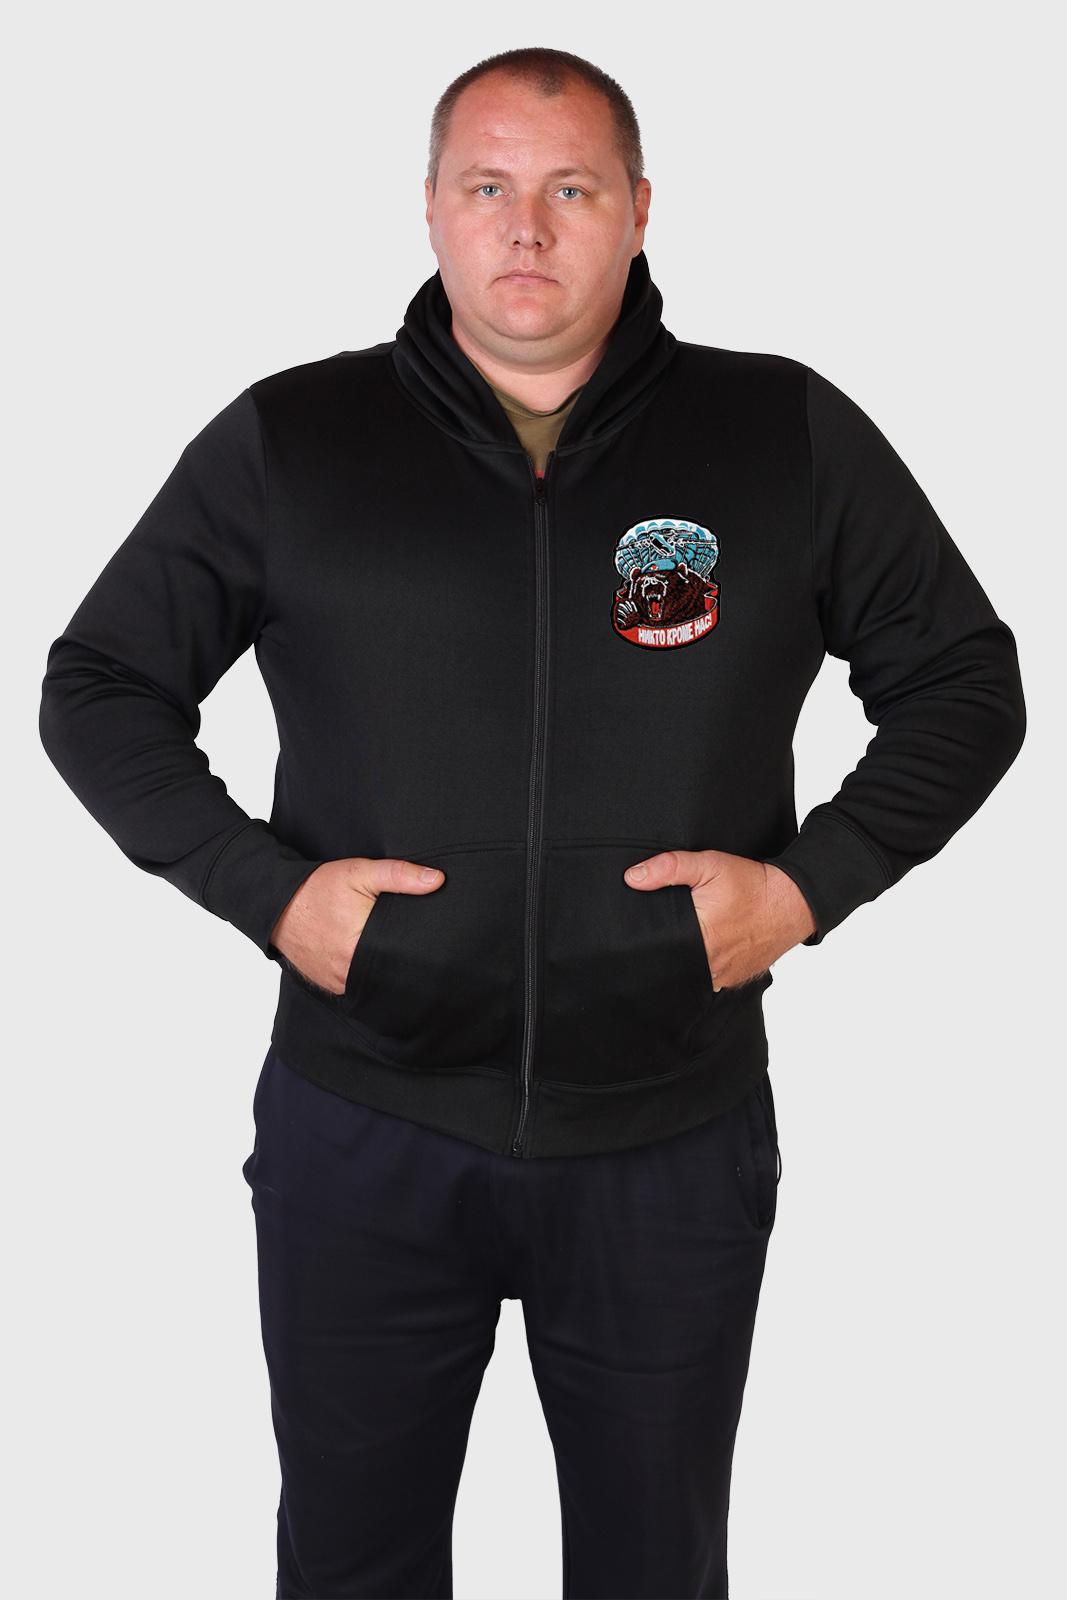 Мужская толстовка ВДВ с мощной  десантной эмблемой.